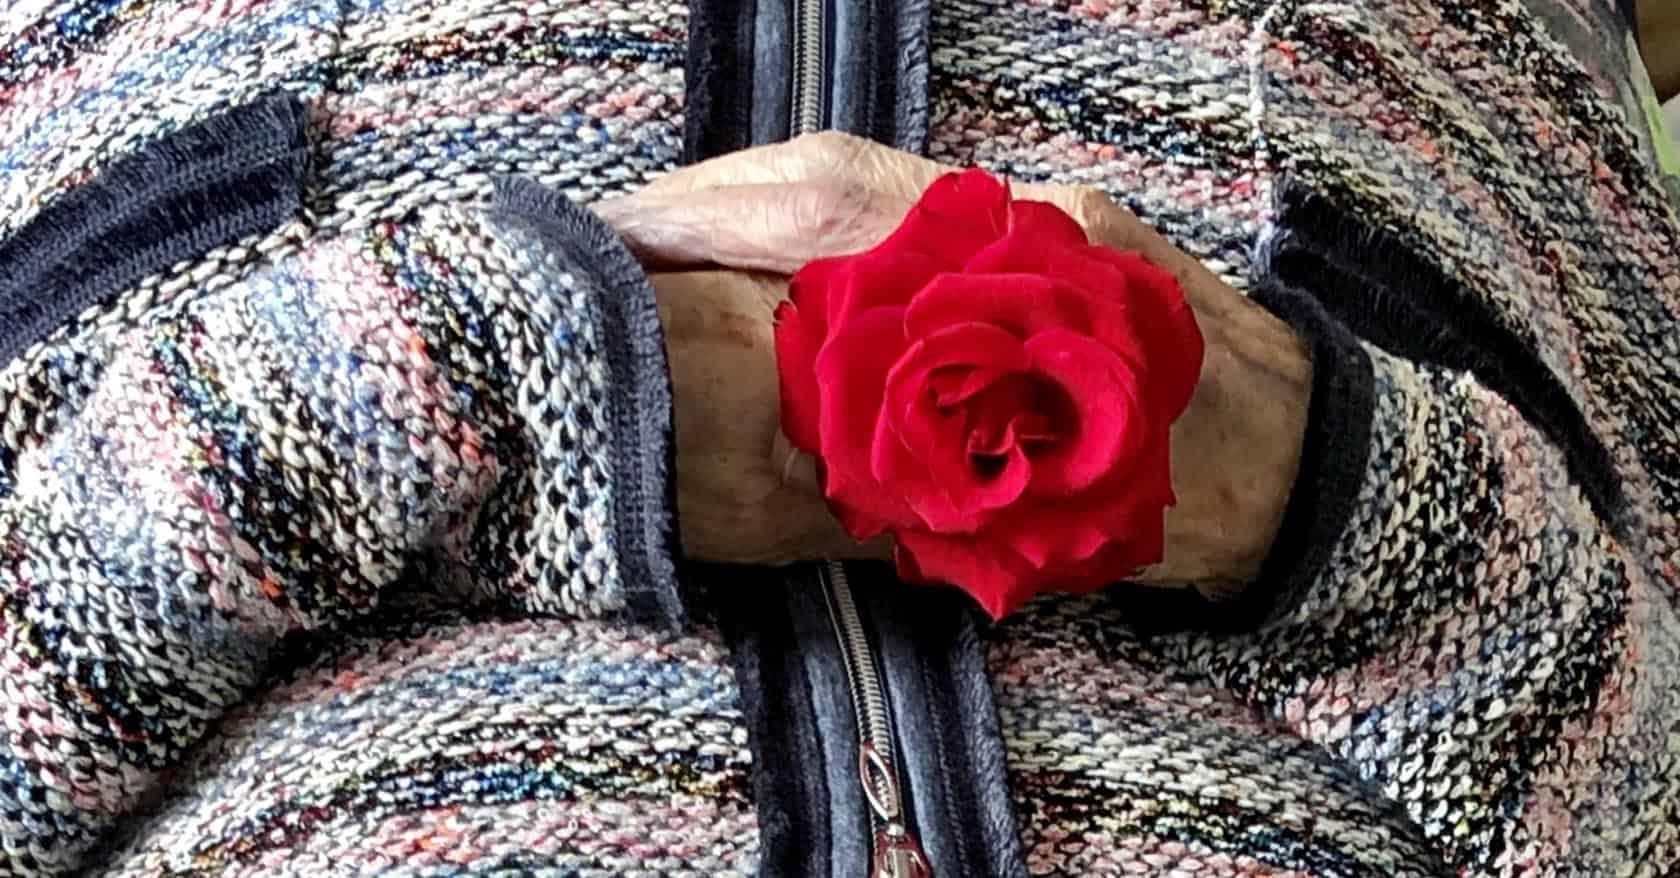 Opbaren handen met een rode roos.